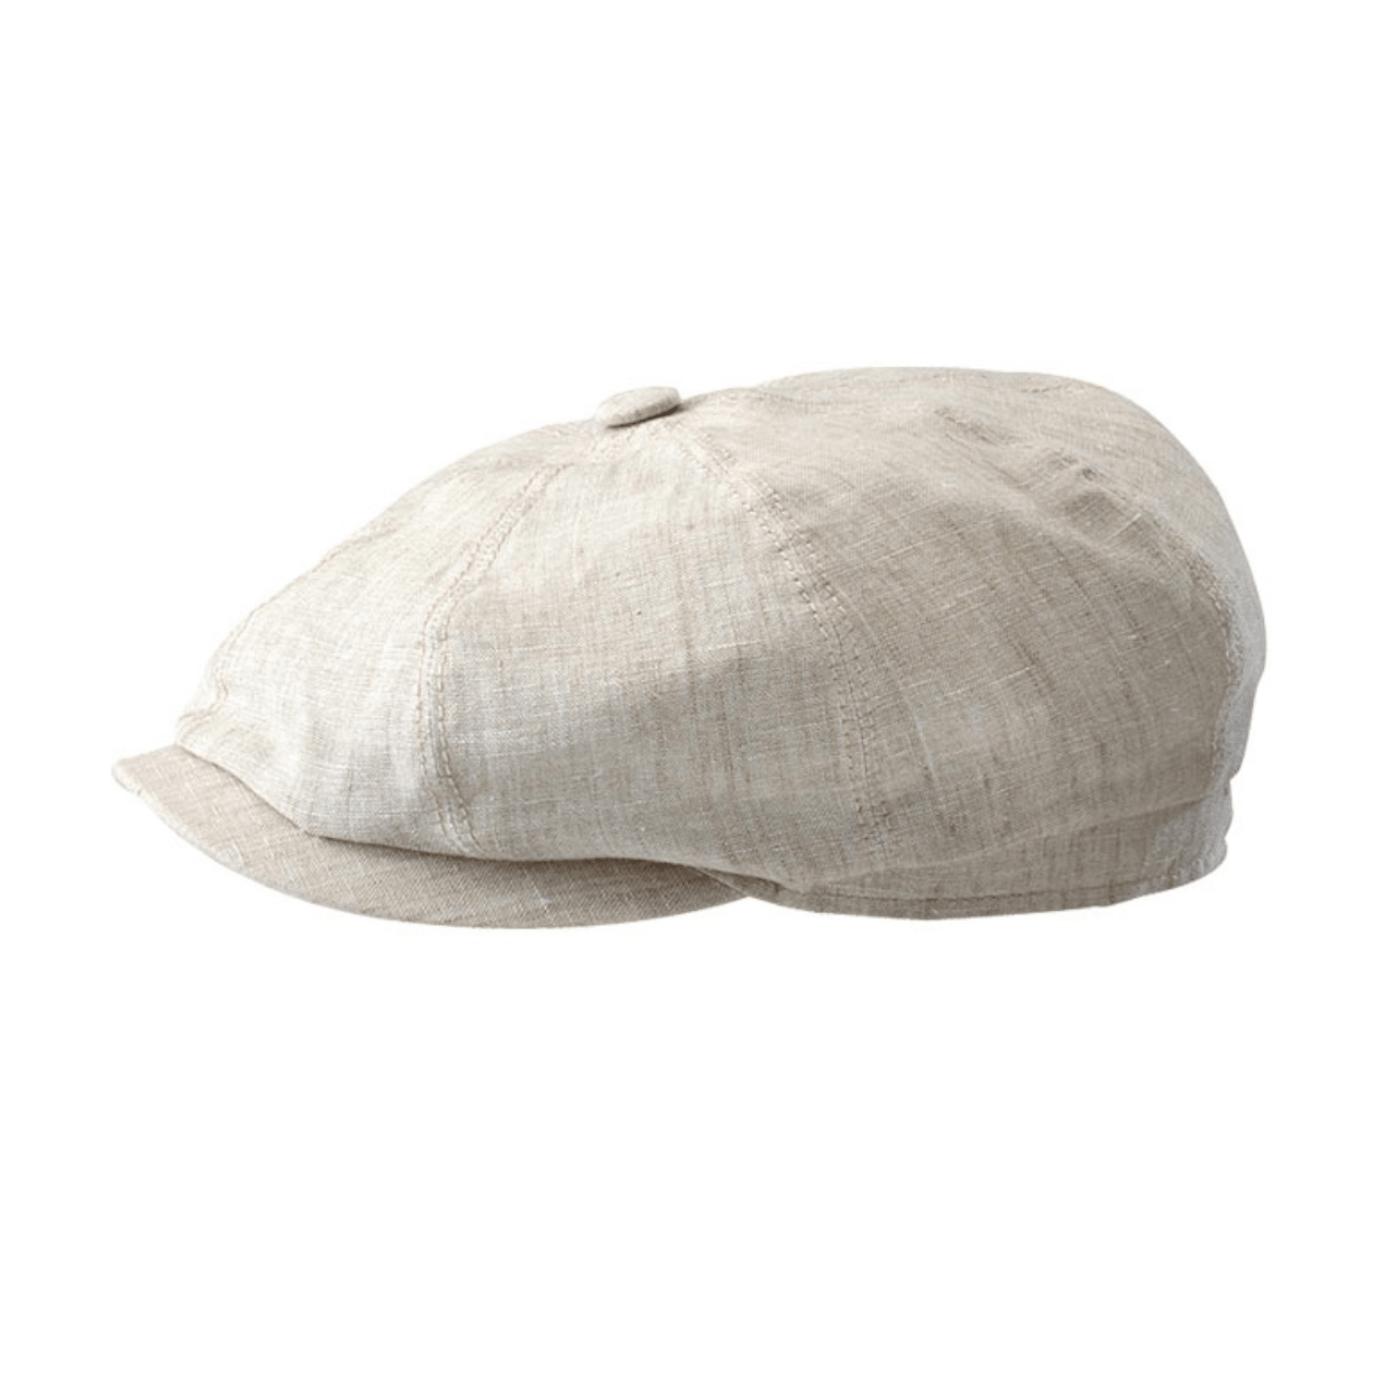 Casquette Stetson hatteras lin creme 6843101-71